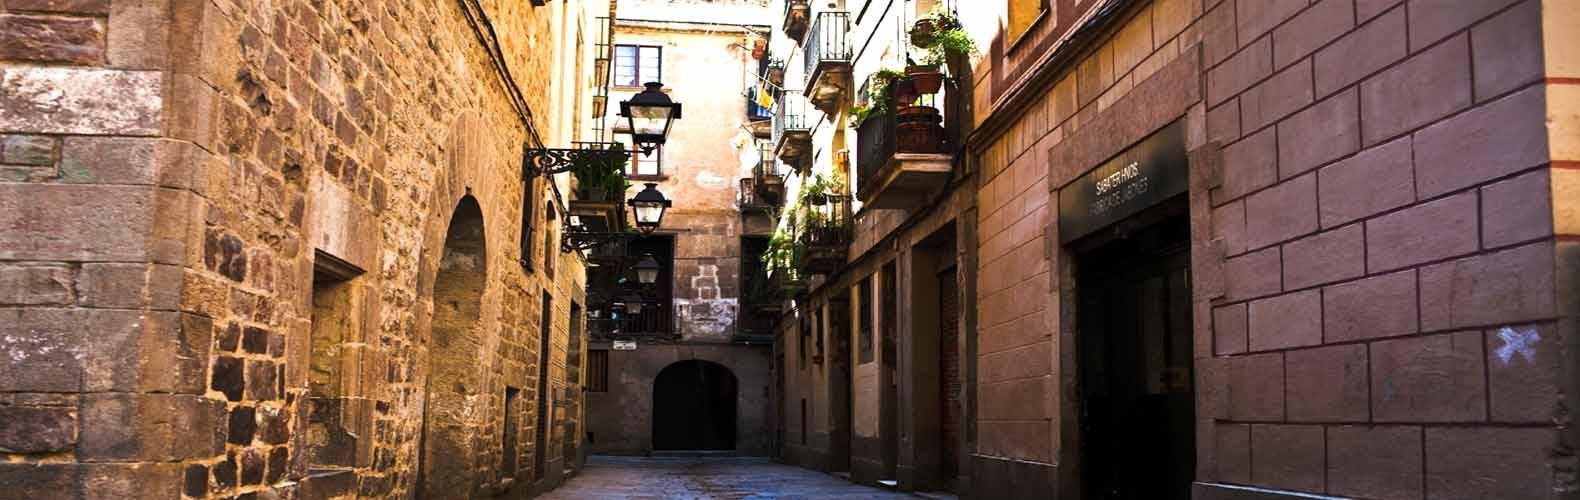 Comprar Pisos en Barri Gòtic, Barcelona Capital